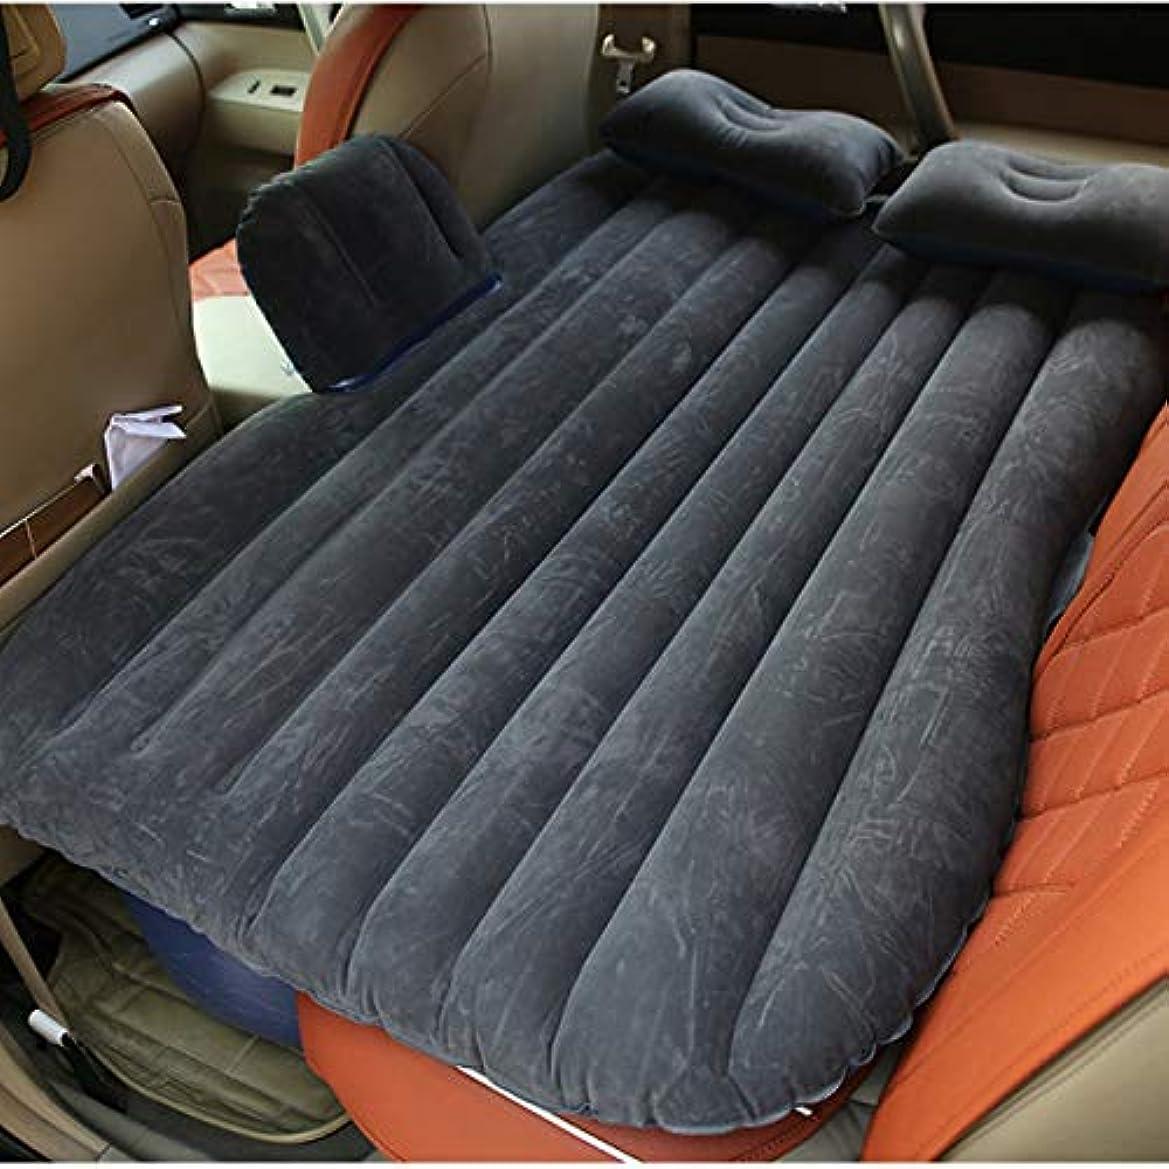 変更むちゃくちゃこねるSaikogoods 車内用大型耐久性に優れたカーバックシートカバーカーエアマットレス旅行ベッド防湿インフレータブルマットレスエアーベッド 黒